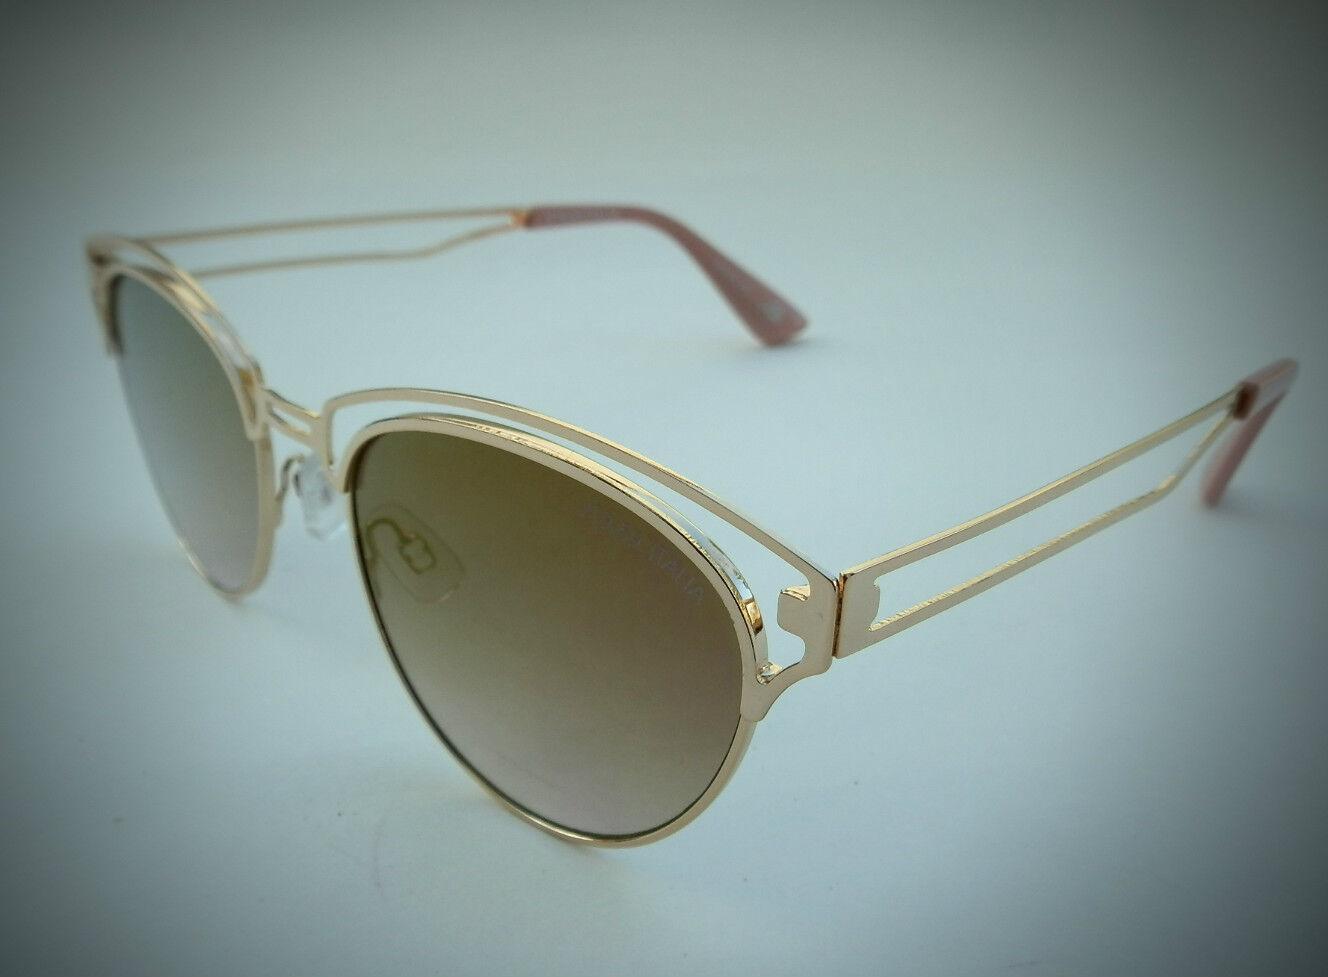 6c286bb36639 NEW women s VERSACE 1969 ITALIA pink gold cat eye sunglasses